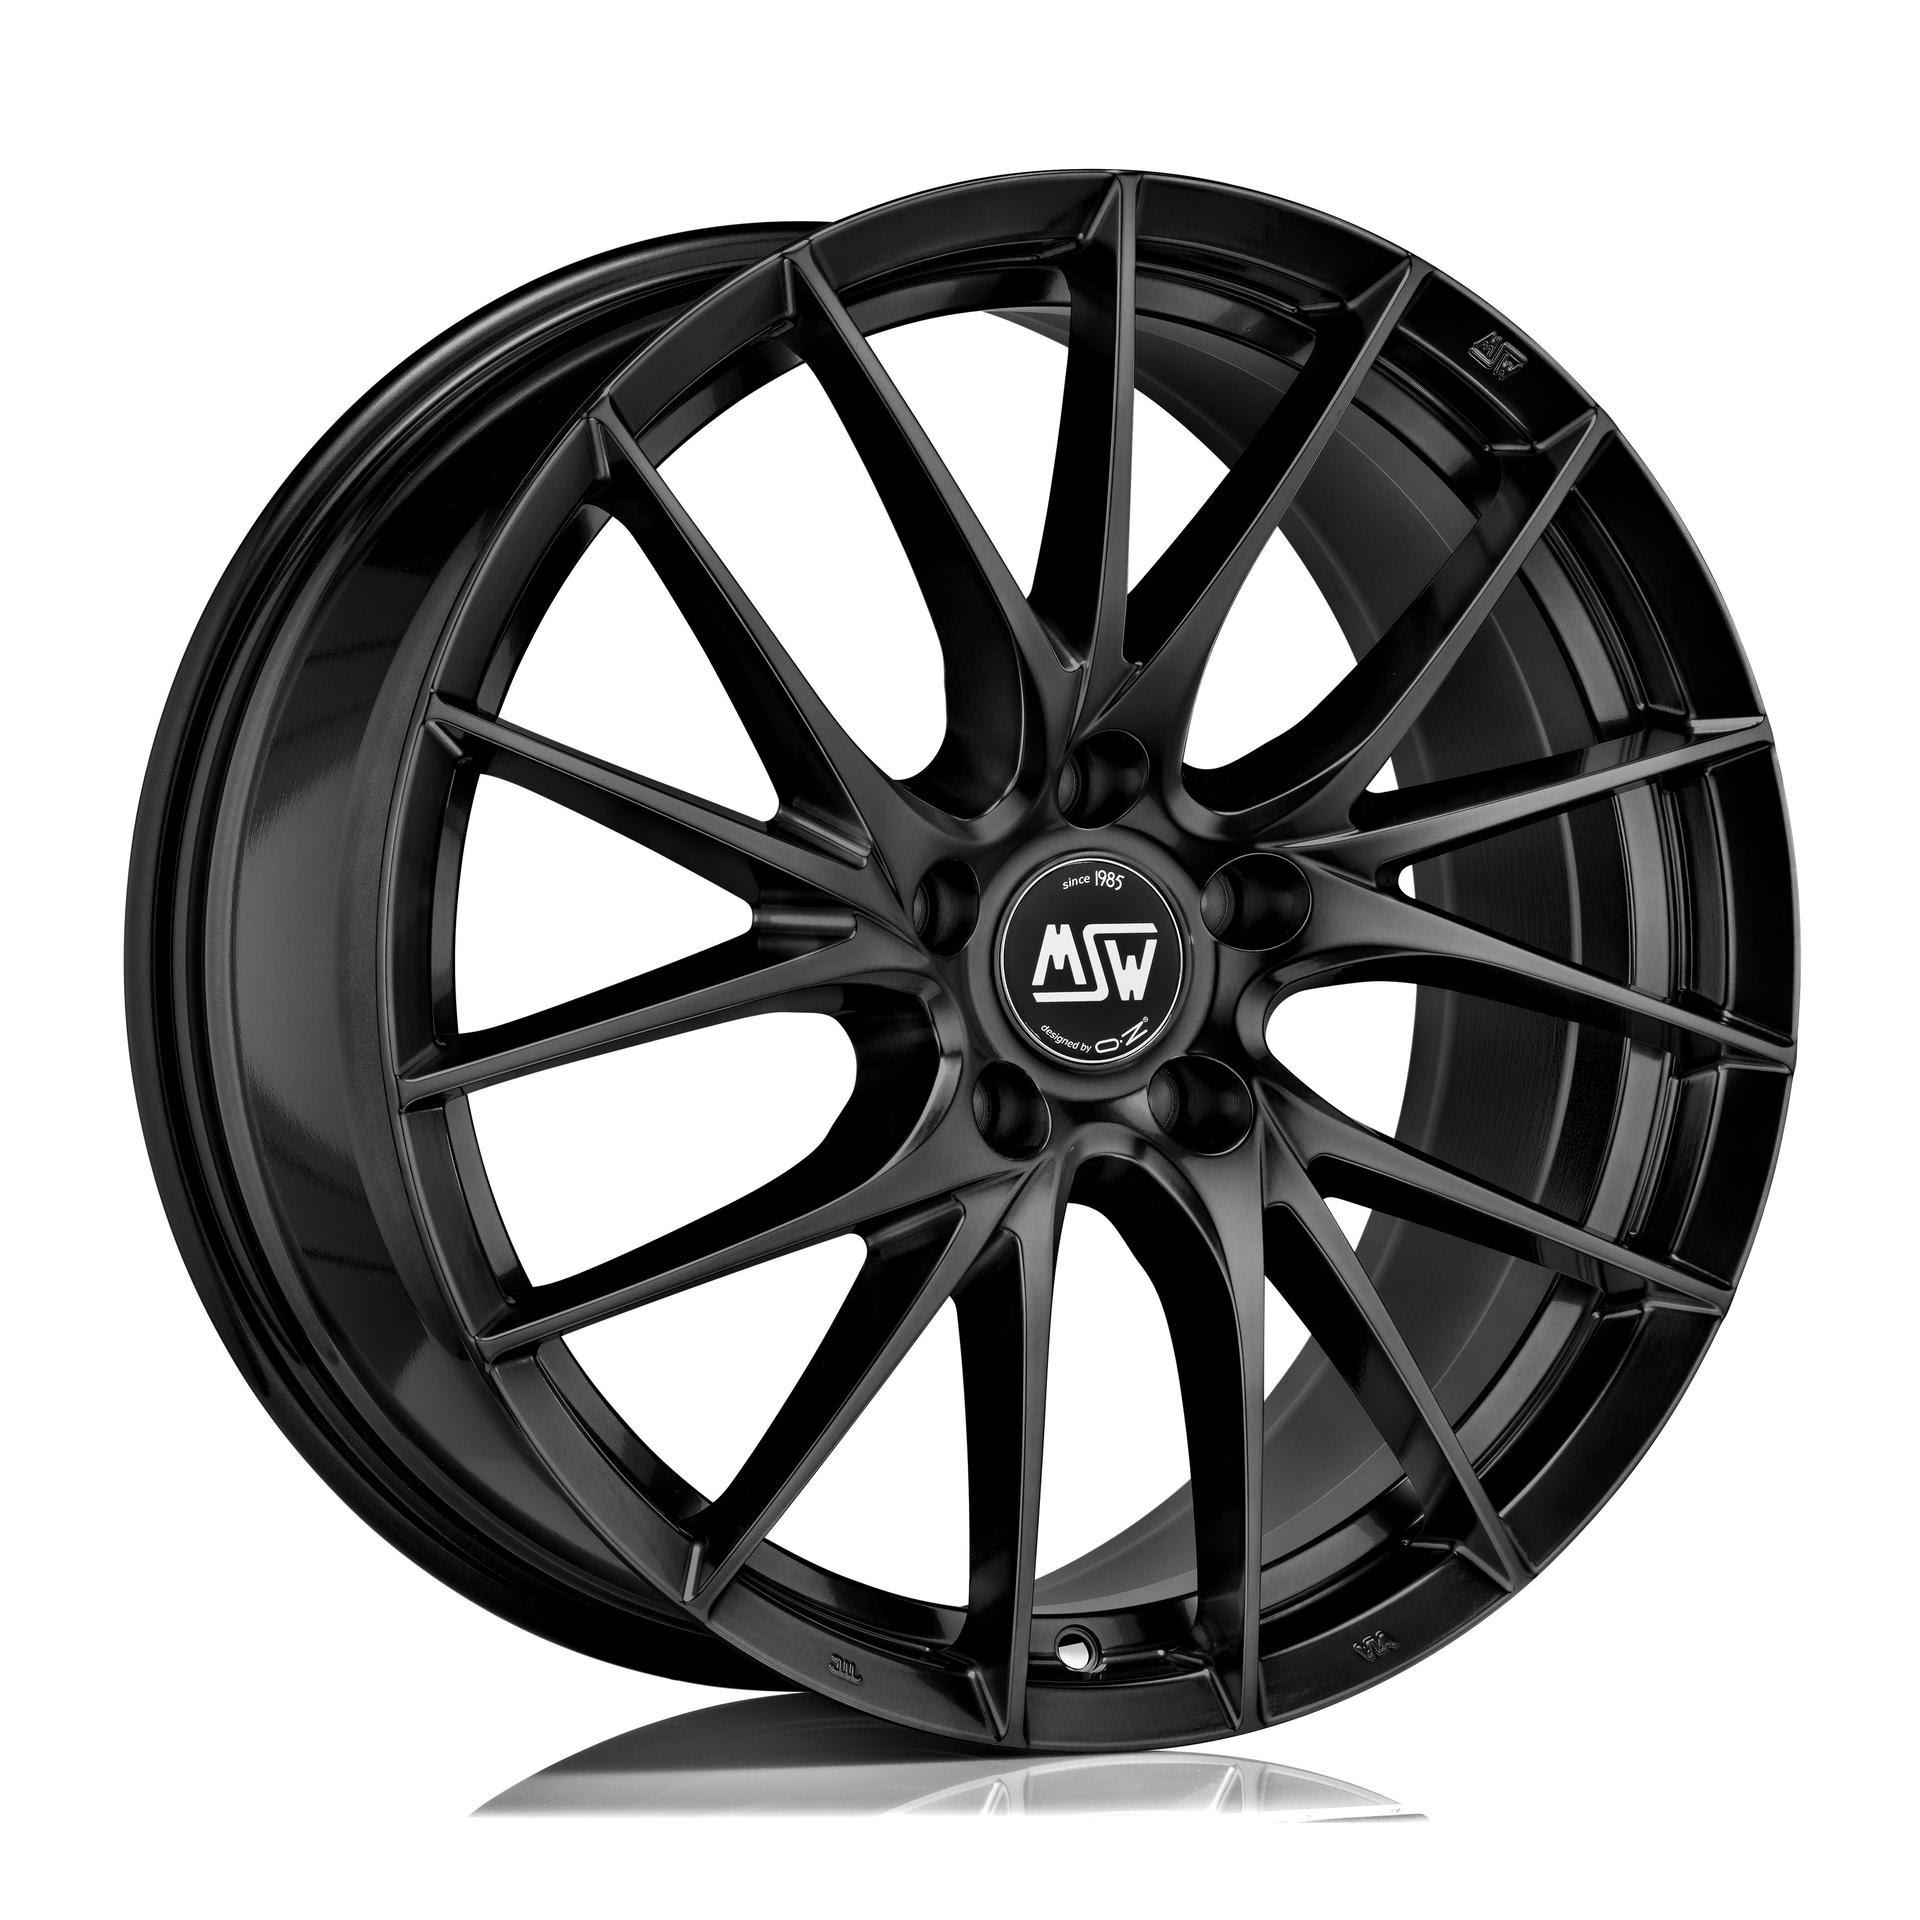 cerchi neri MSW 29 Gloss Black cerchio colore ruote nero OZ gloss black multirazze configuratore bmw audi volkswagen replica